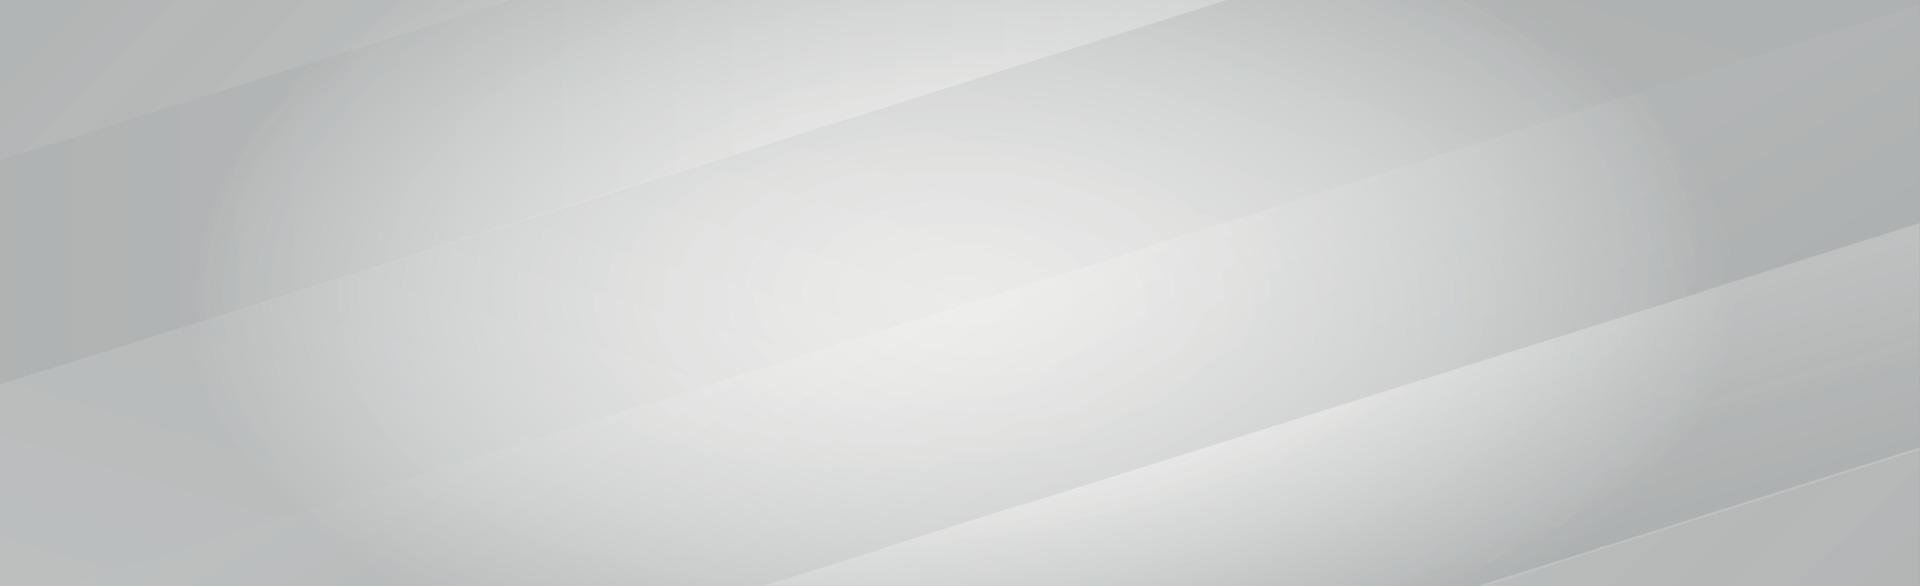 witte vector panoramische achtergrond met golvende lijnen